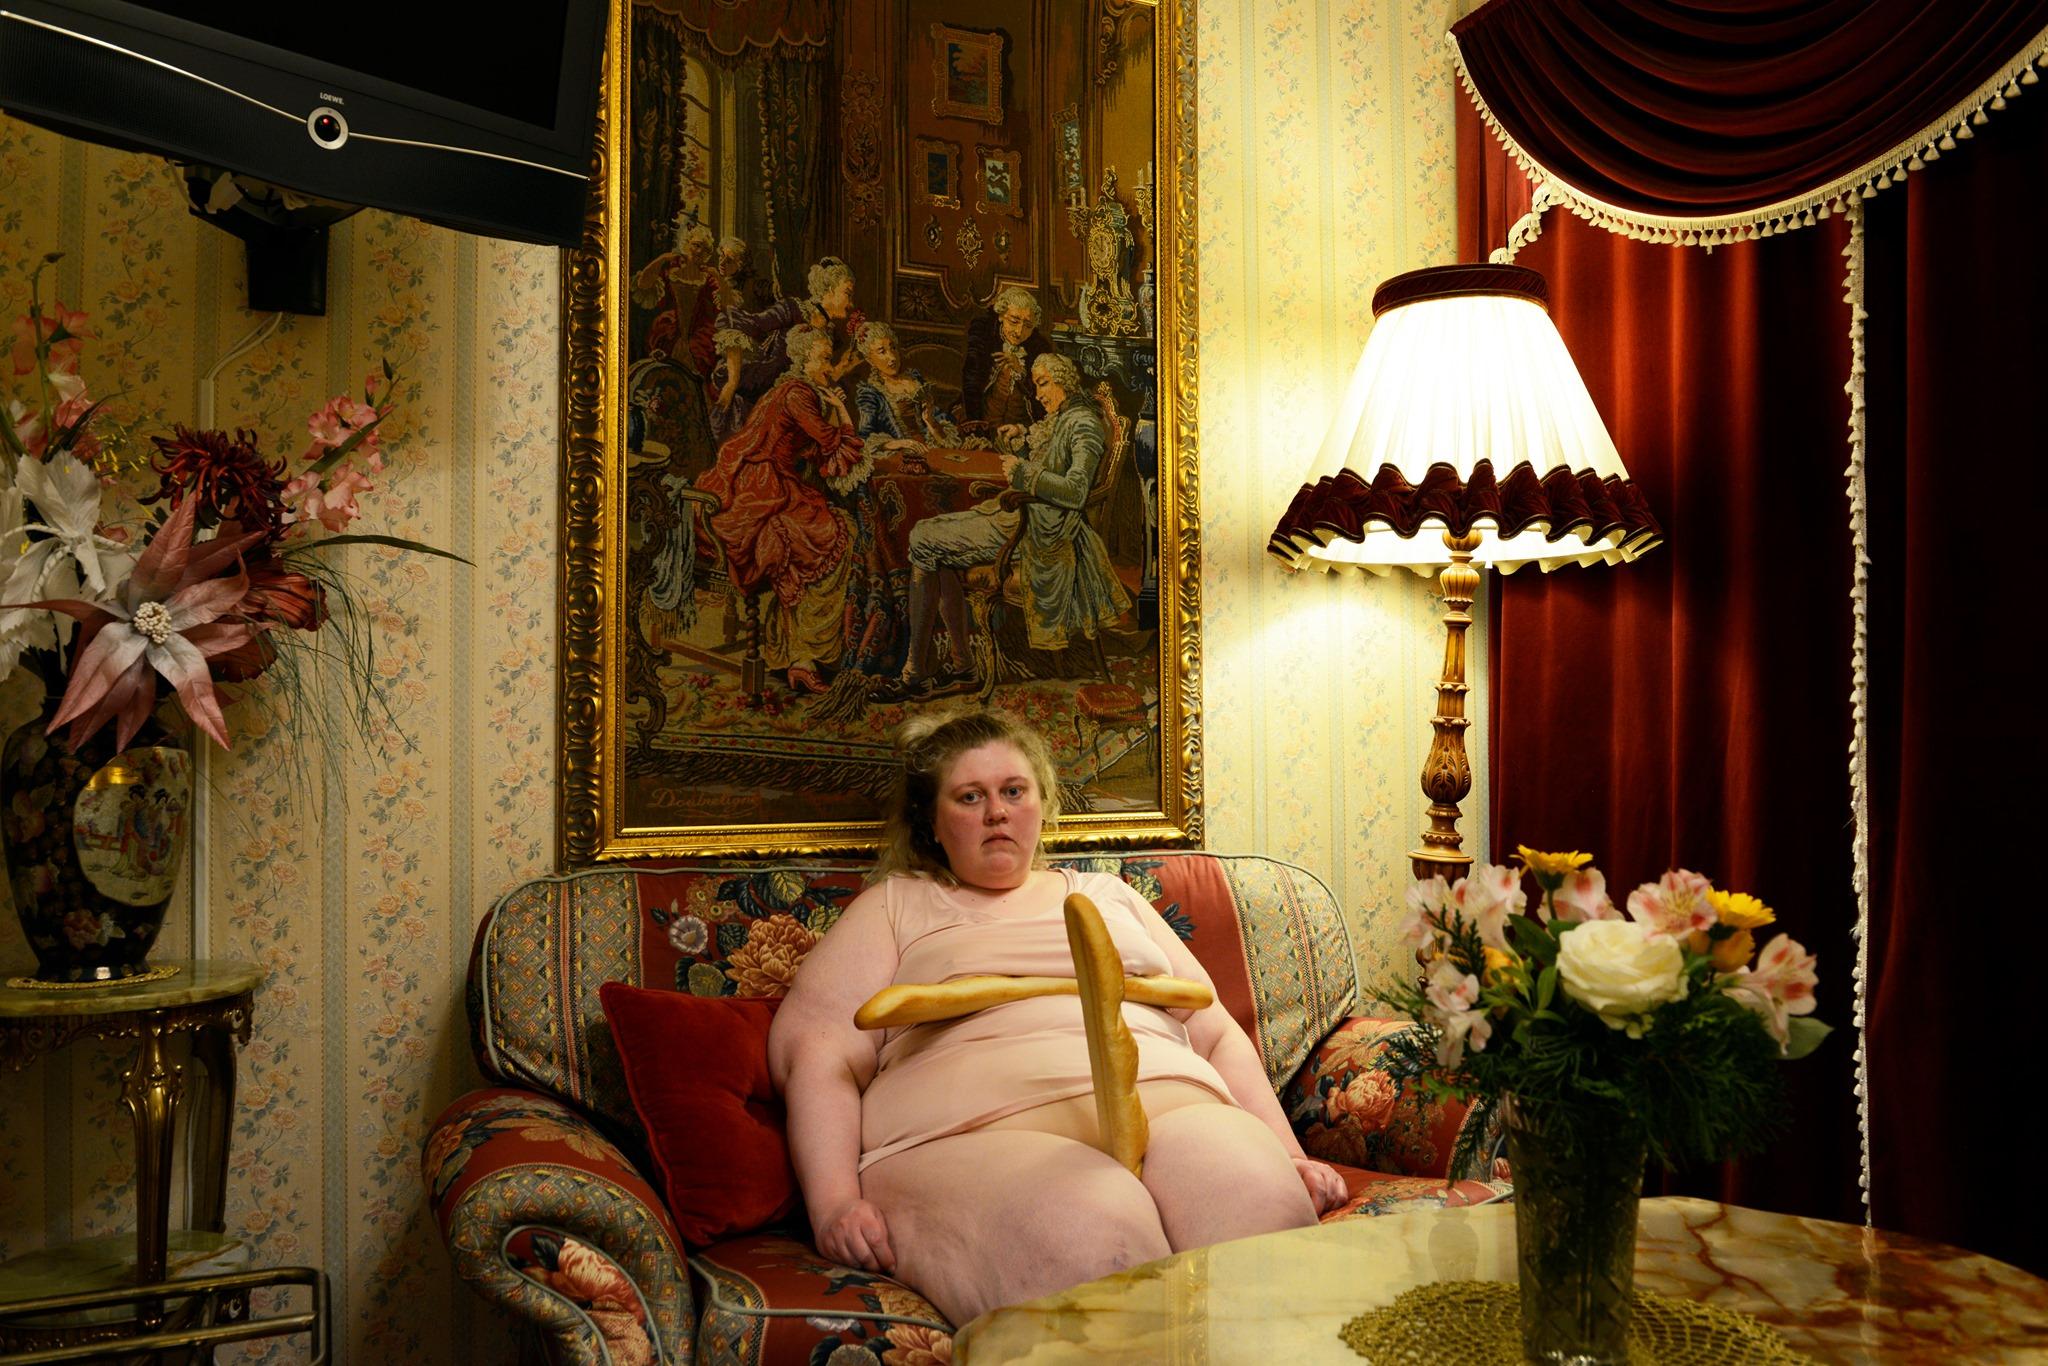 Iiu Susirajas verk der hun sitter på soffan